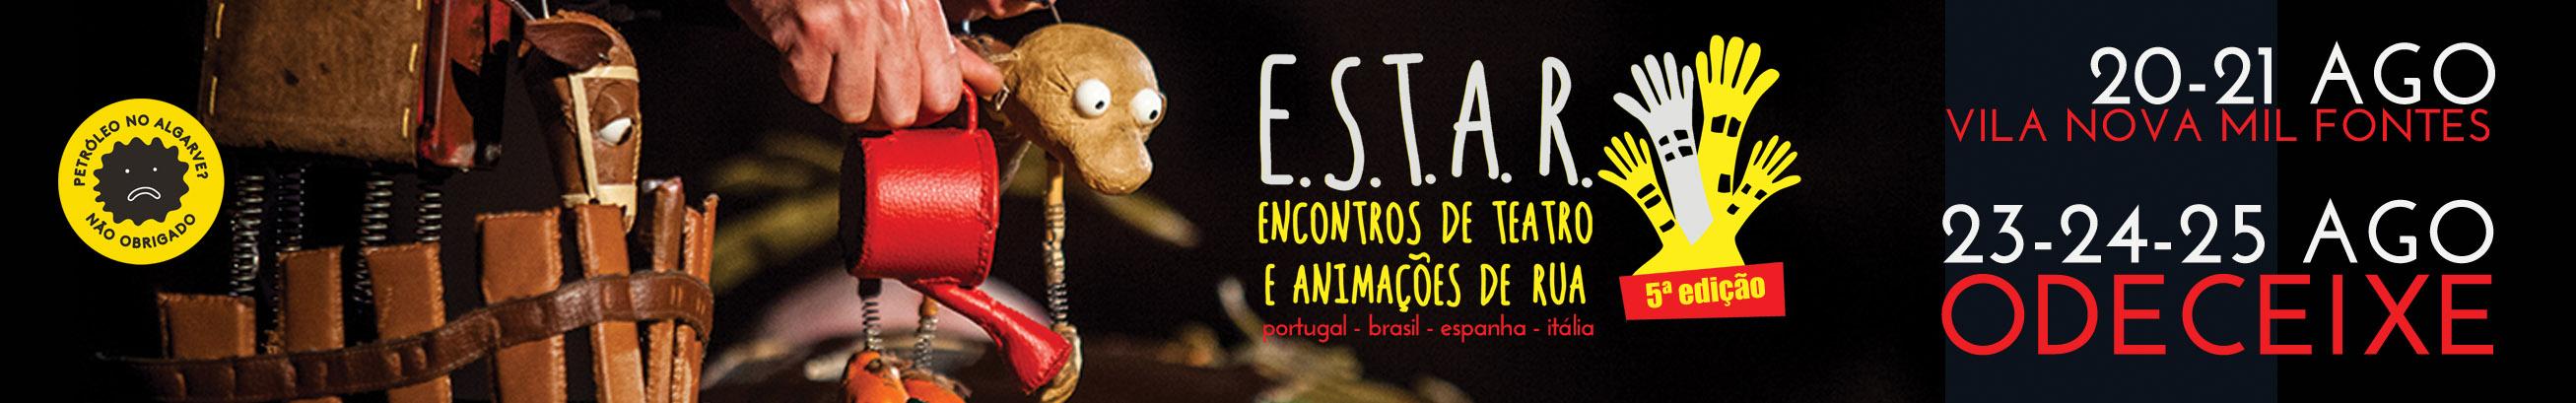 Encontros de Teatro e Animações de Rua - ODECEIXE - FEstival de Teatro e Animação de Rua